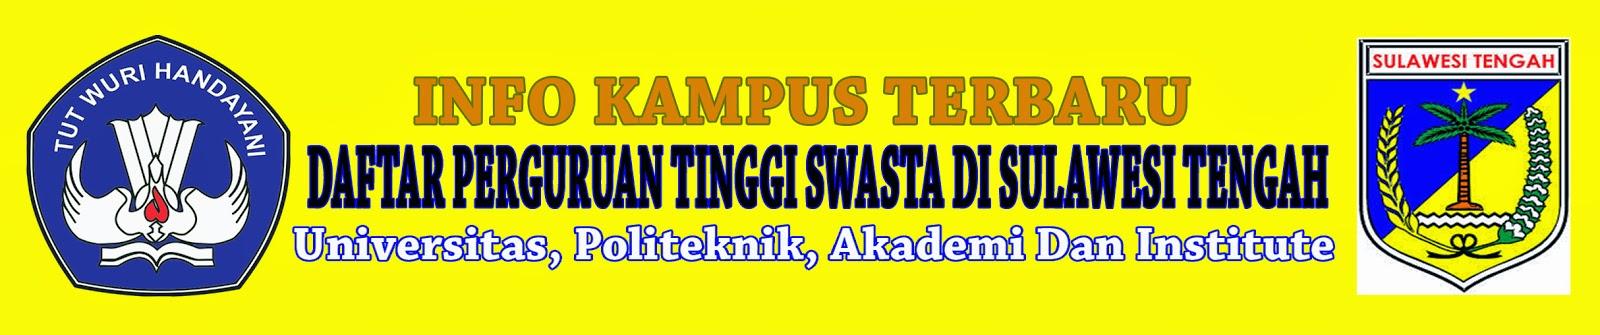 Daftar Perguruan Tinggi Swasta Di Sulawesi Tengah